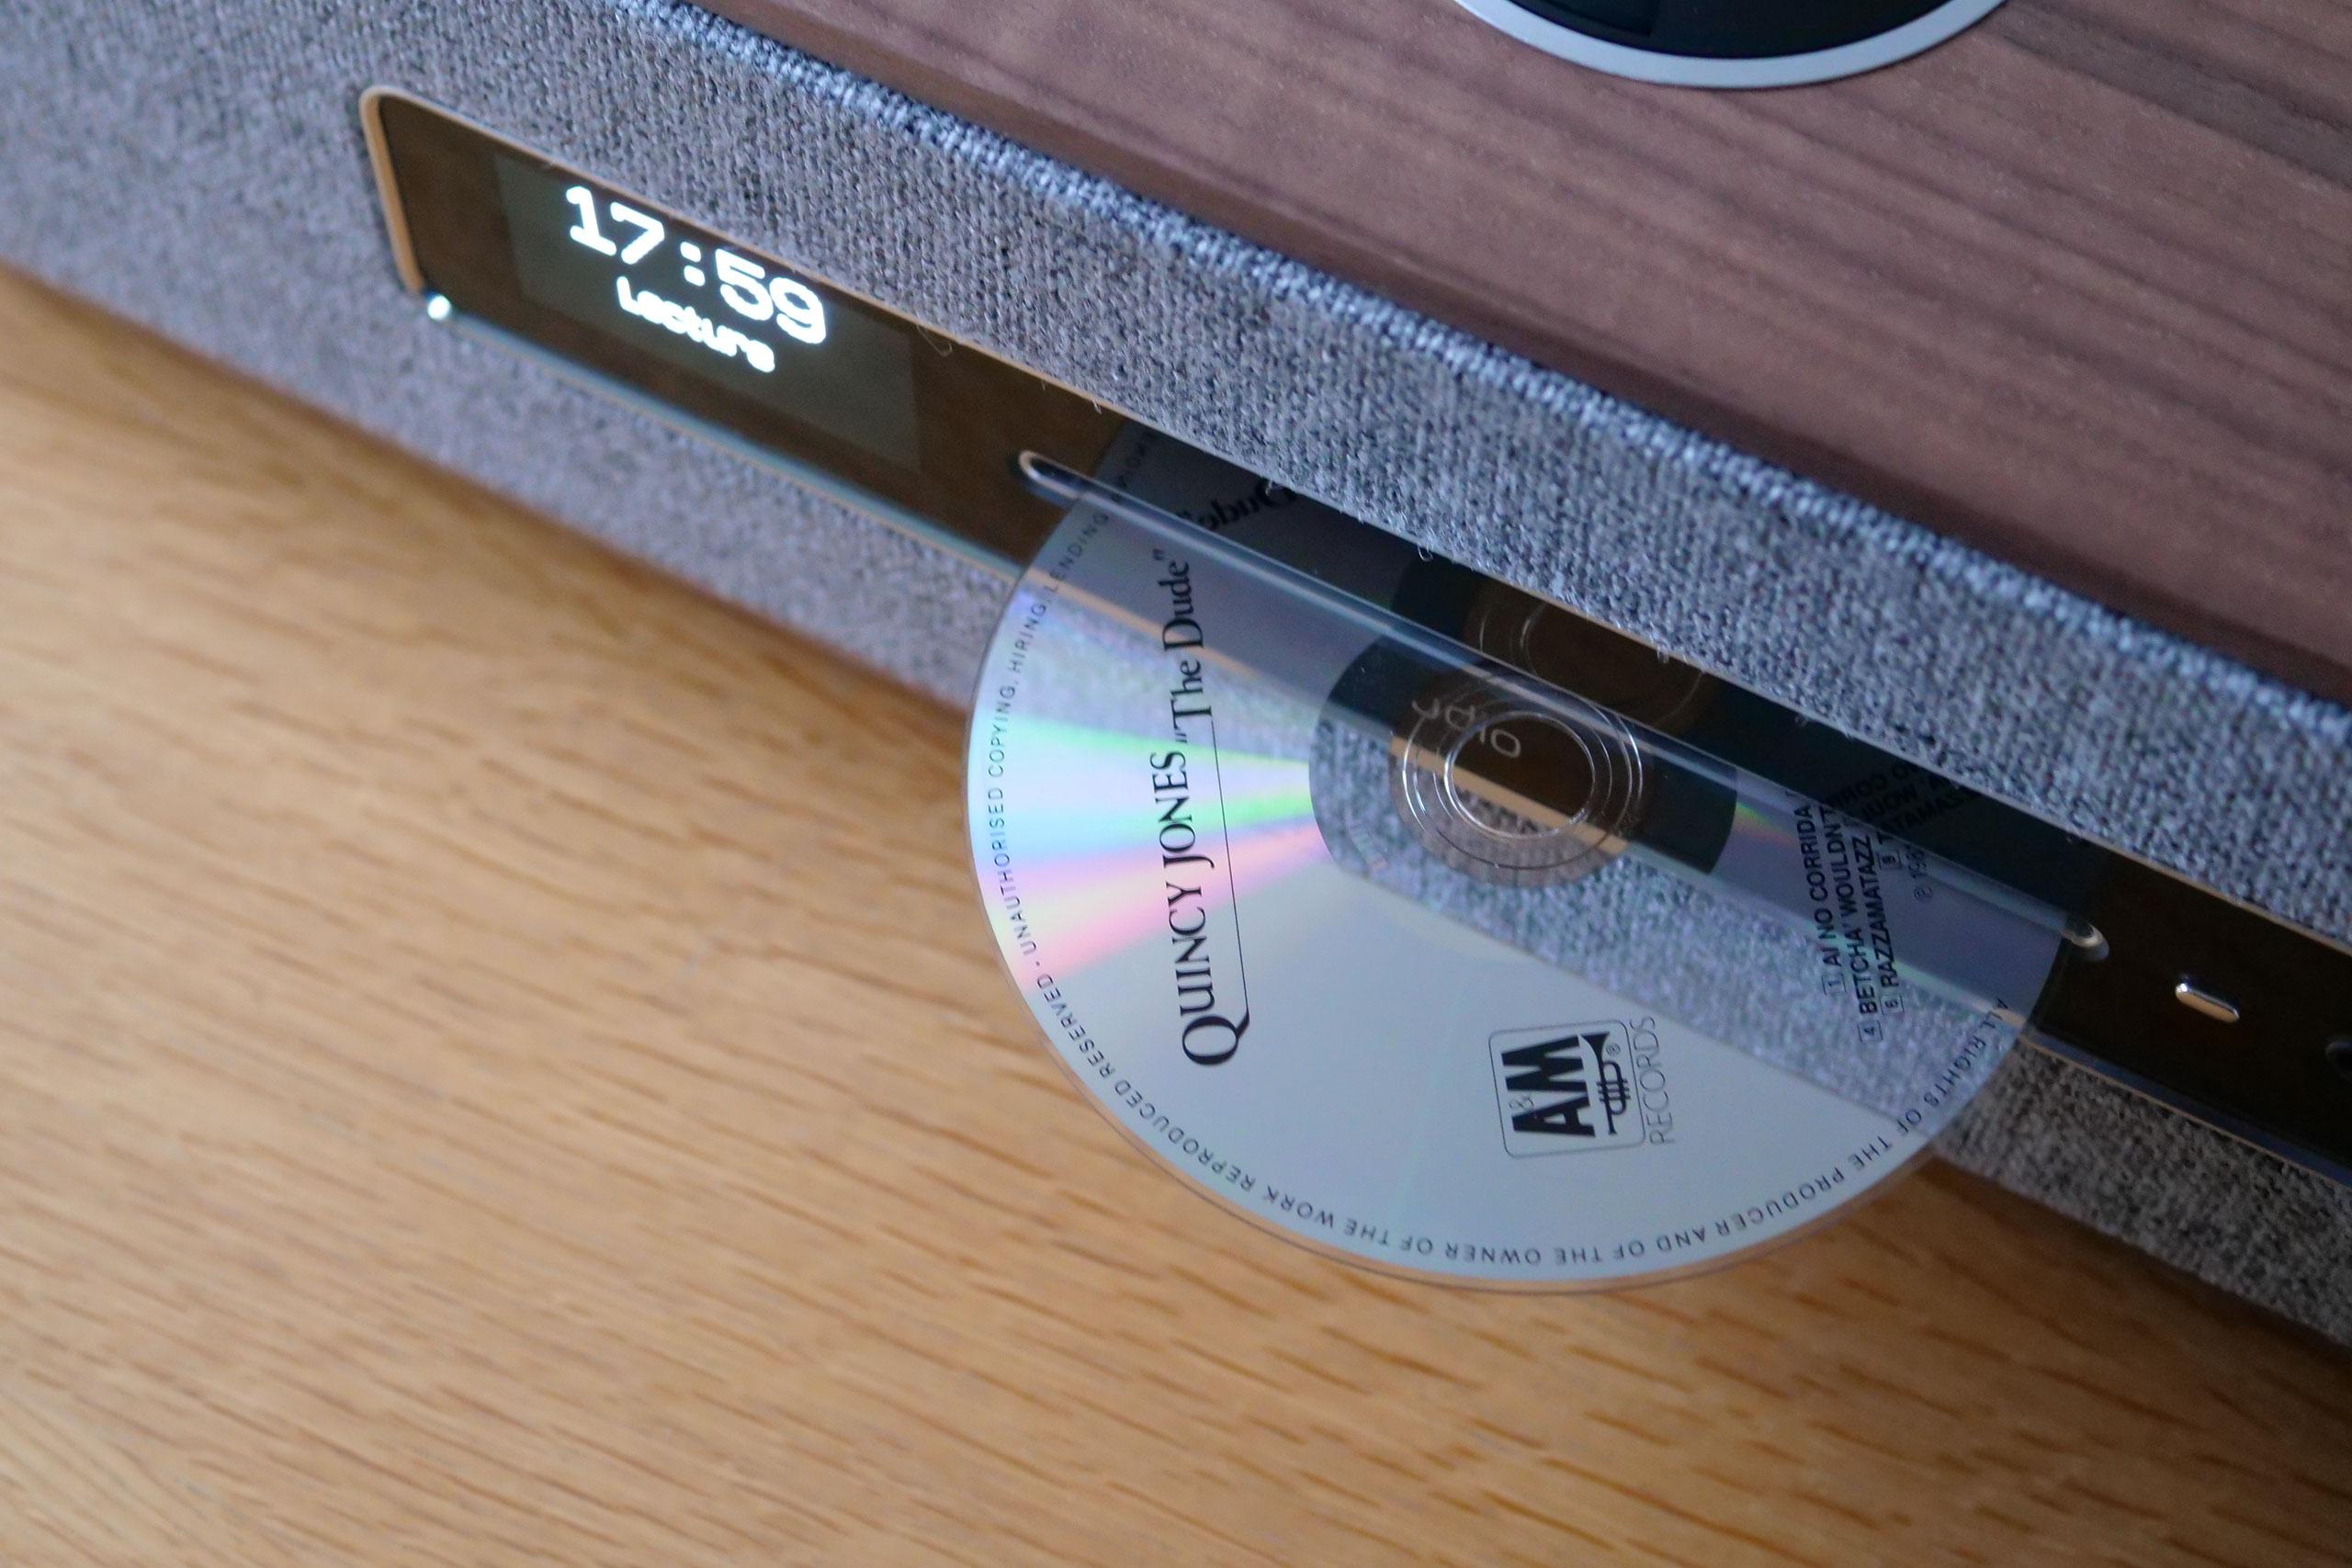 Il suffit d'insérer un CD dans la R5 pour qu'elle démarre aussitôt.